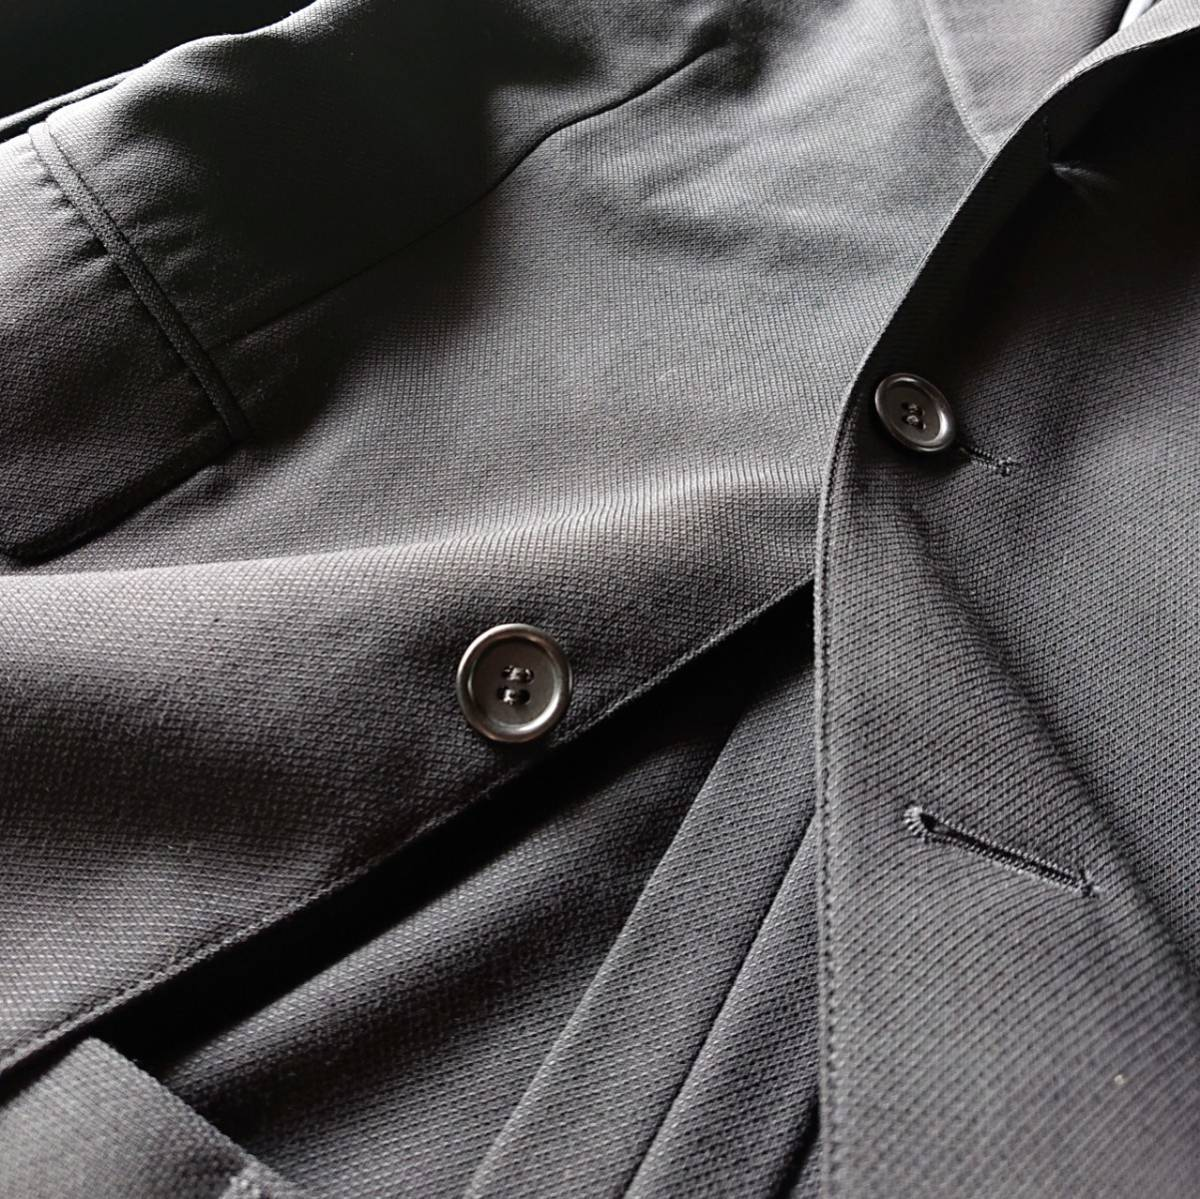 高級ピュアニューウール100% 日本製 予備パンツ付き★ ブルックス ブラザーズ スーツ セットアップ メンズ ブラック 黒 ビジネス 背抜き_画像4